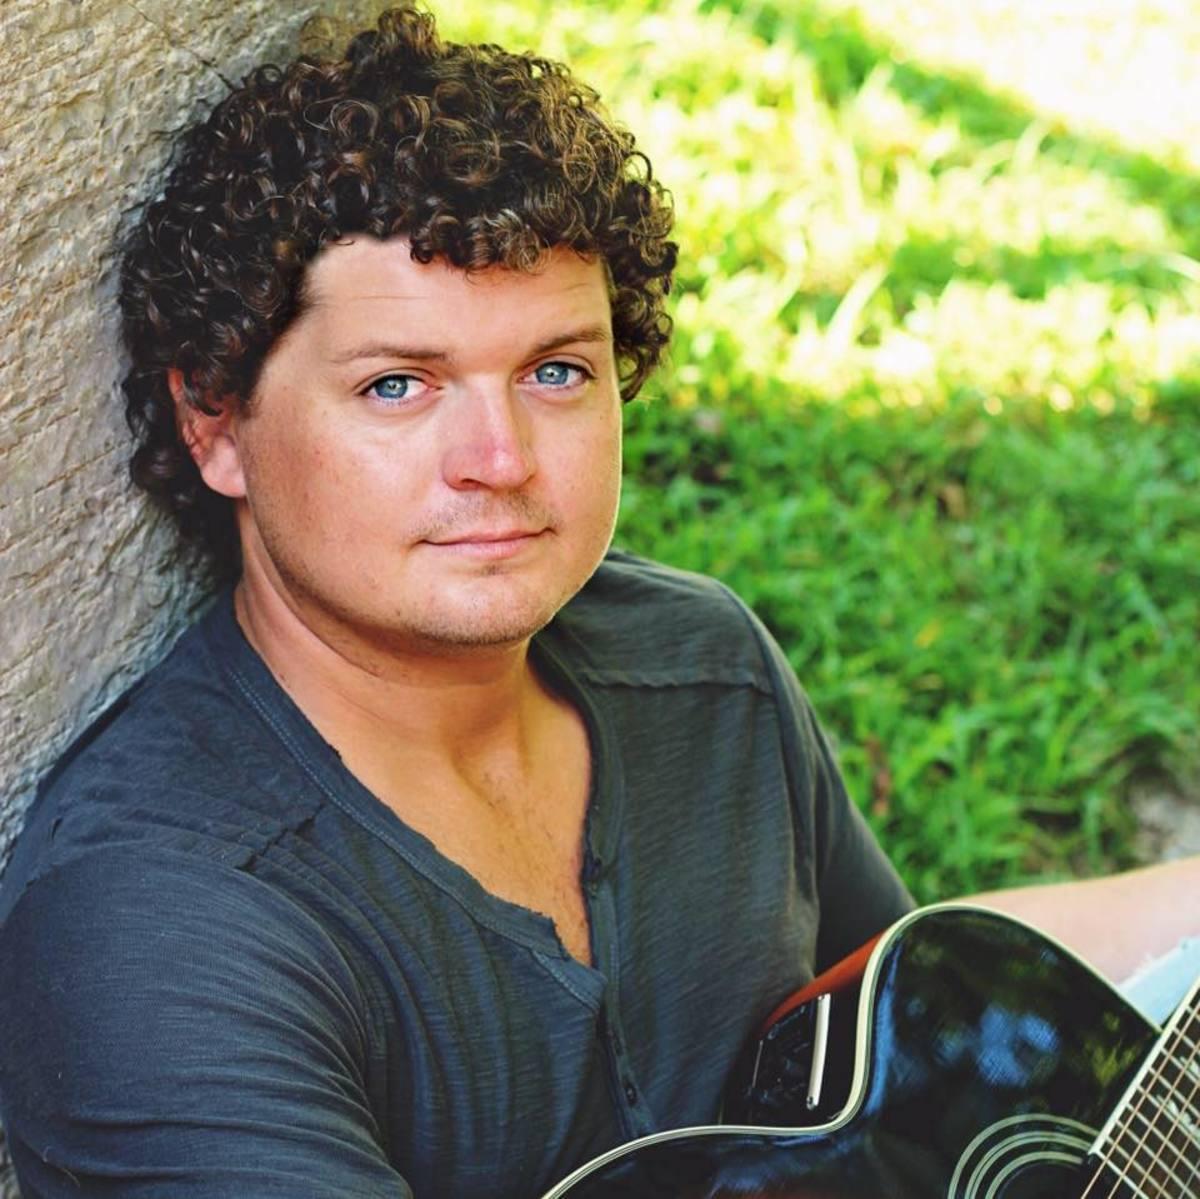 Dustin Herring - Nashville Musicians